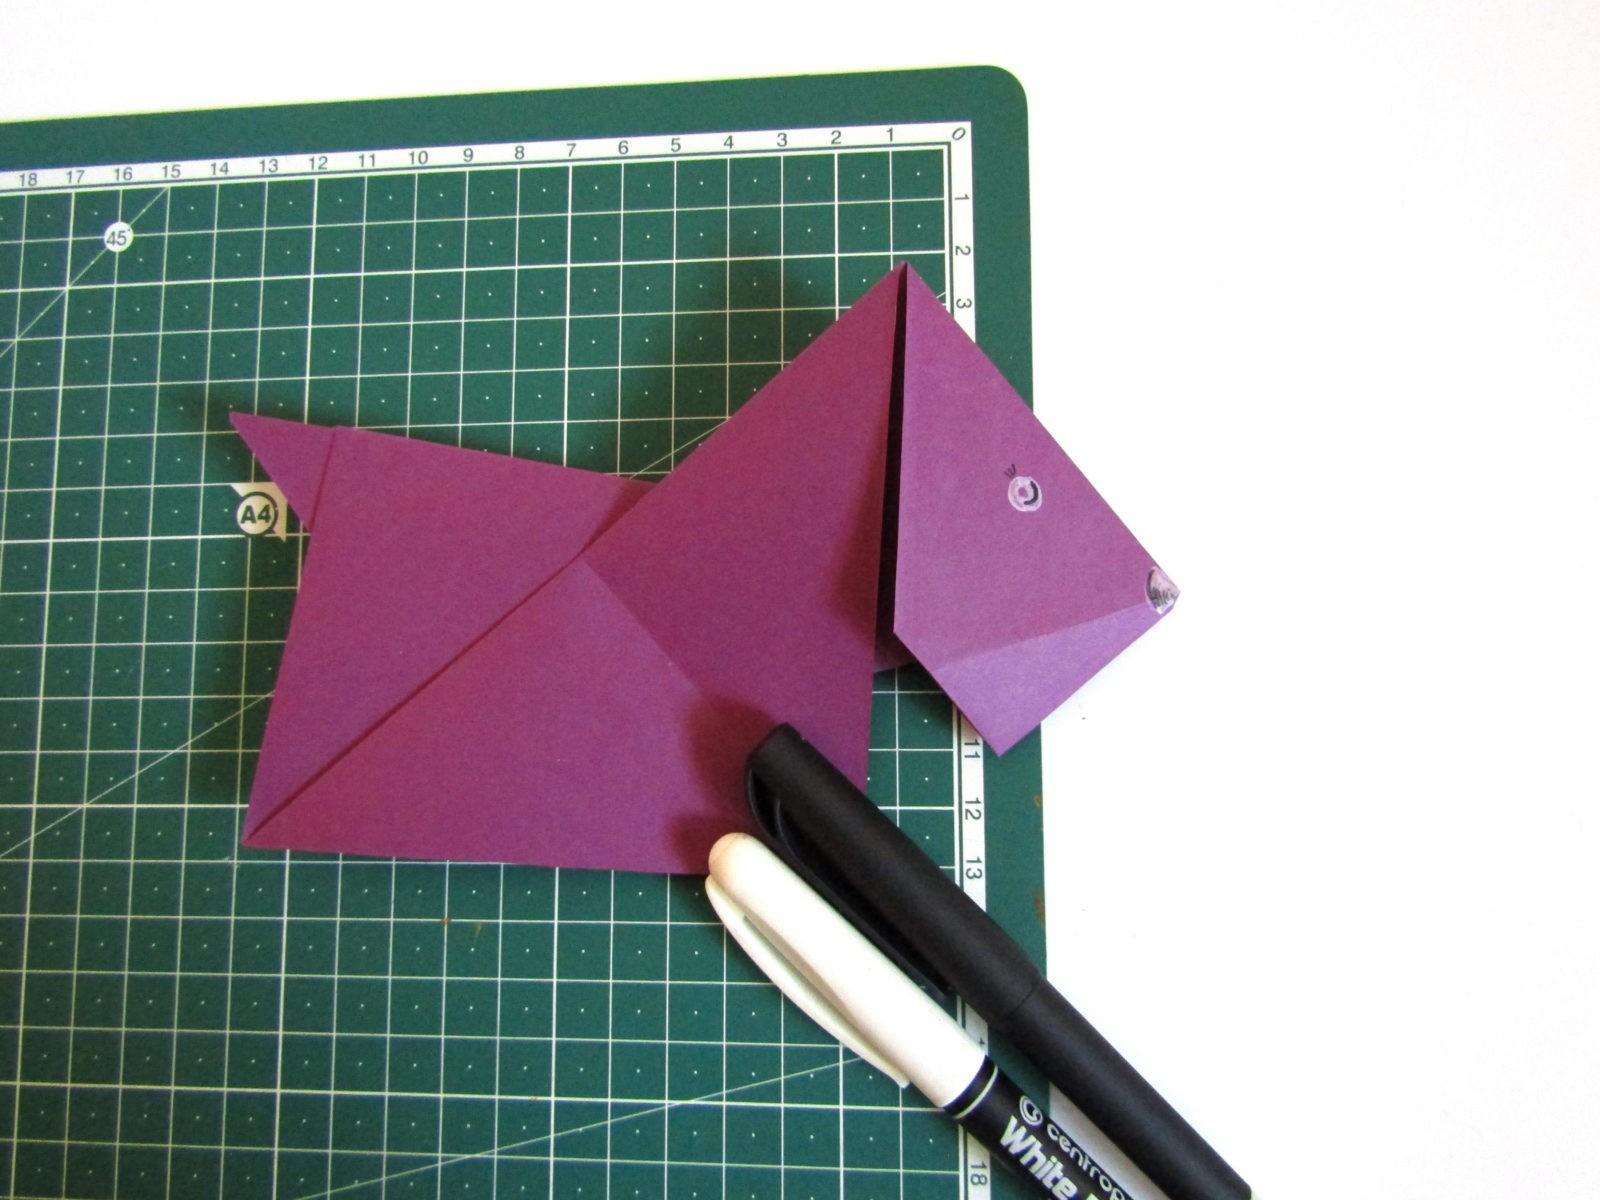 Очень легко и просто можно создать объемную поделку без использования клея. Конечно, даже ножницы могут и не понадобиться, если изначально у вас будет готовая заготовка в виде квадрата. Так получим собачку оригами благодаря ловкости рук! - 13